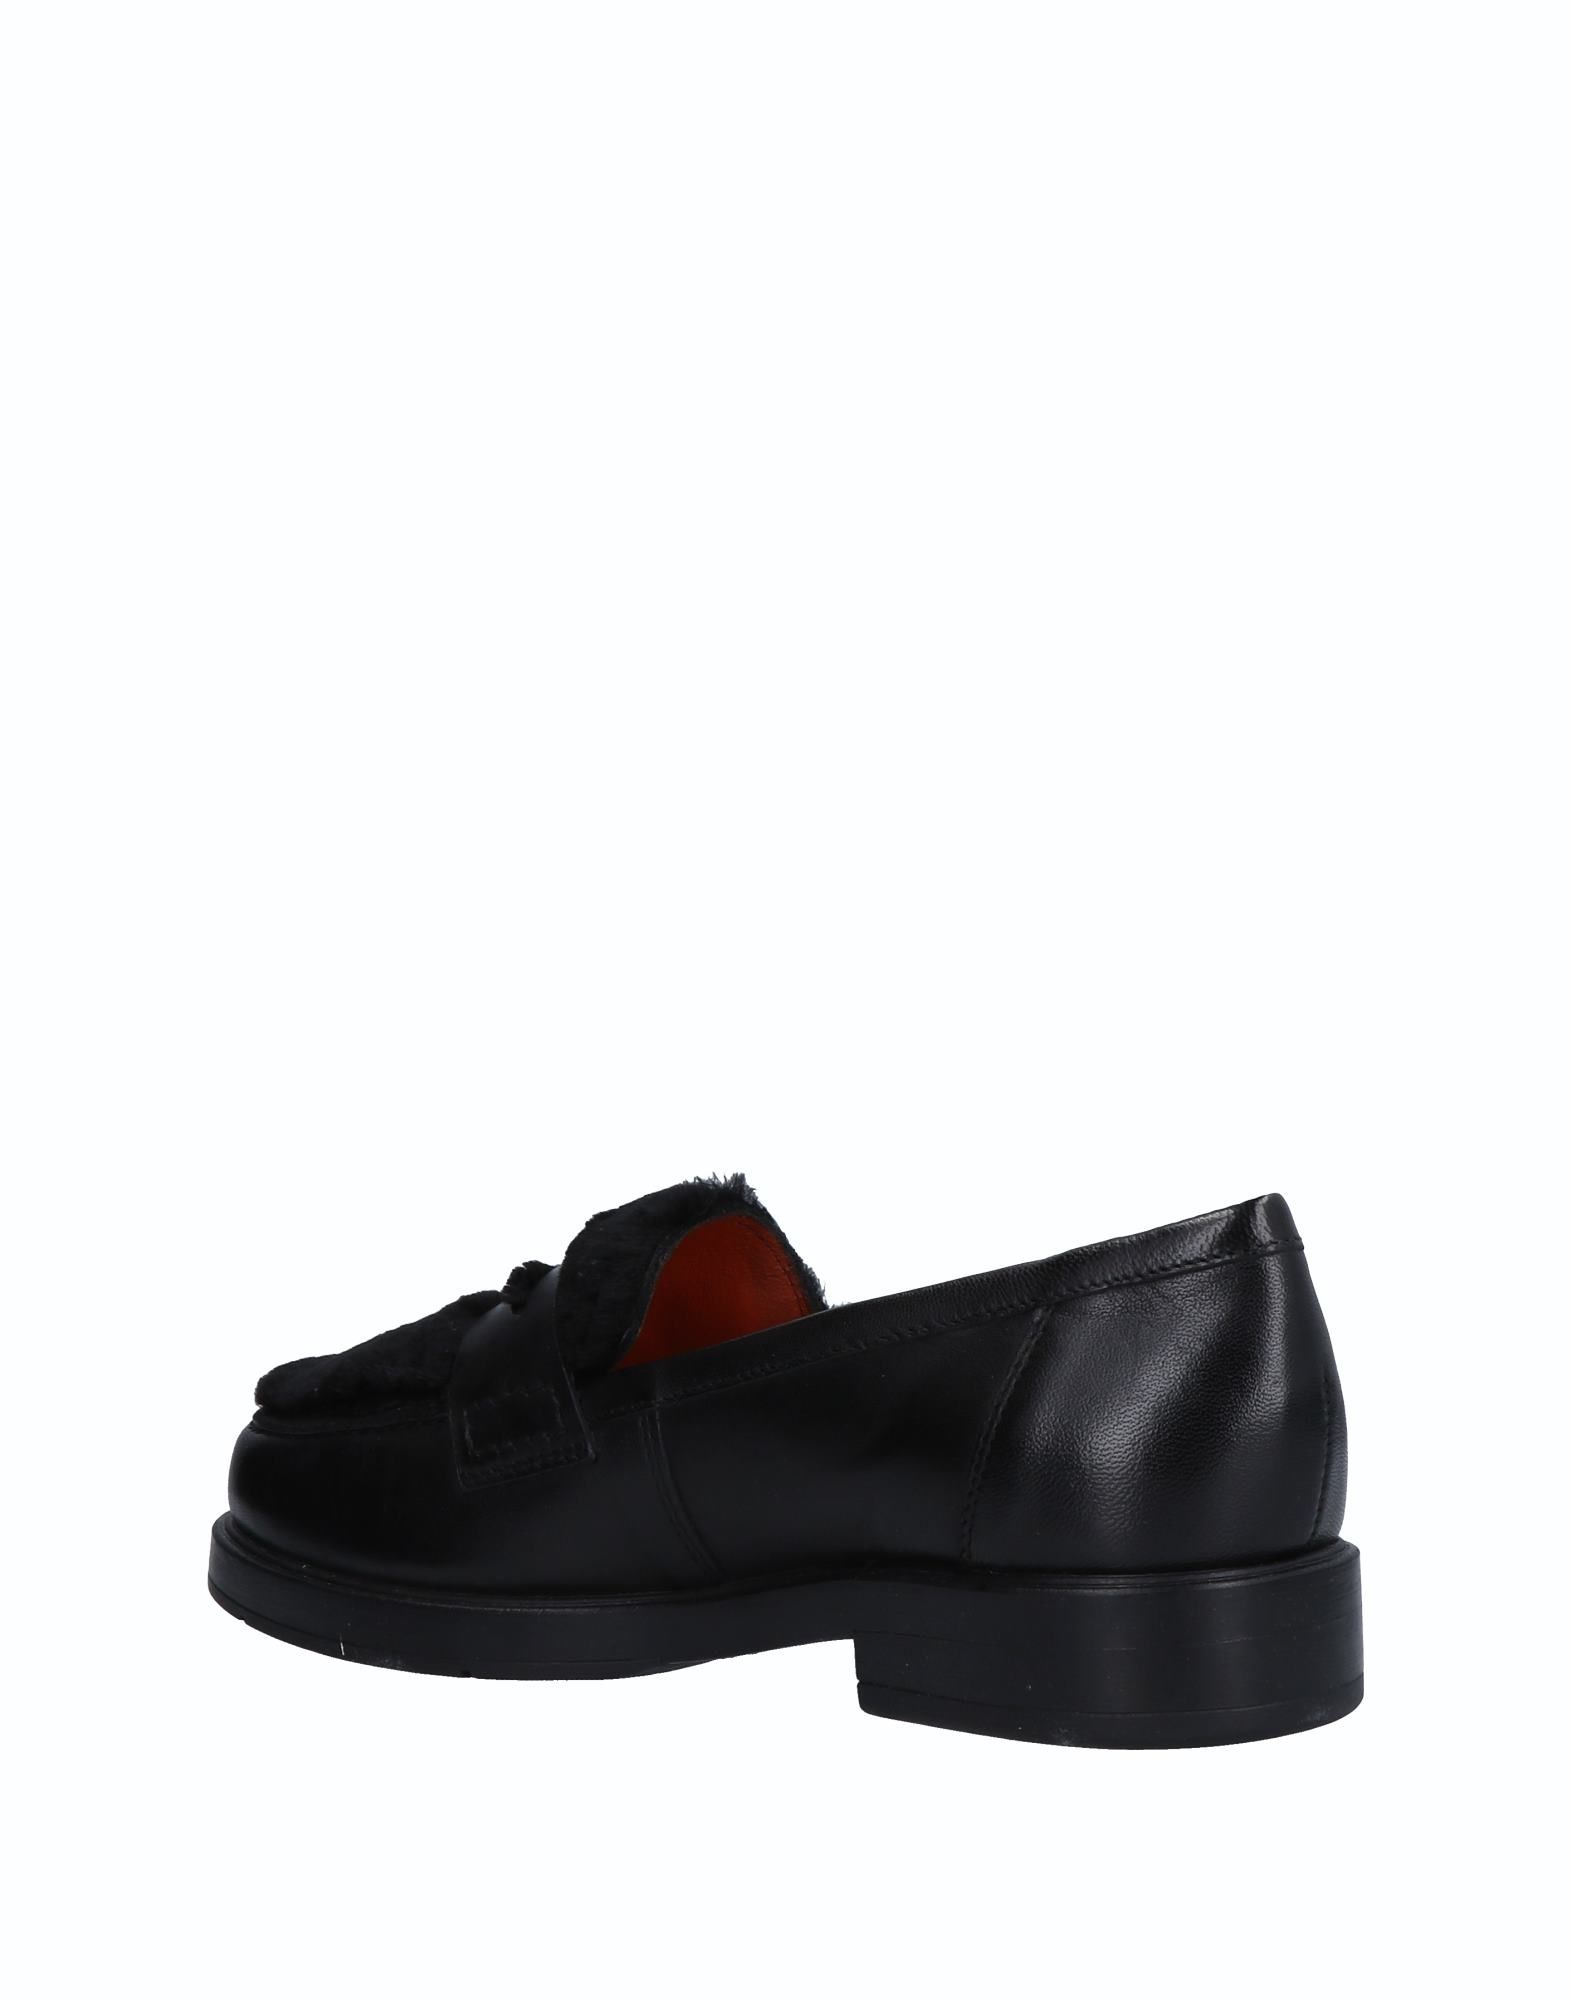 Bagatt Mokassins Damen Qualität 11512593TU Gute Qualität Damen beliebte Schuhe 20b365